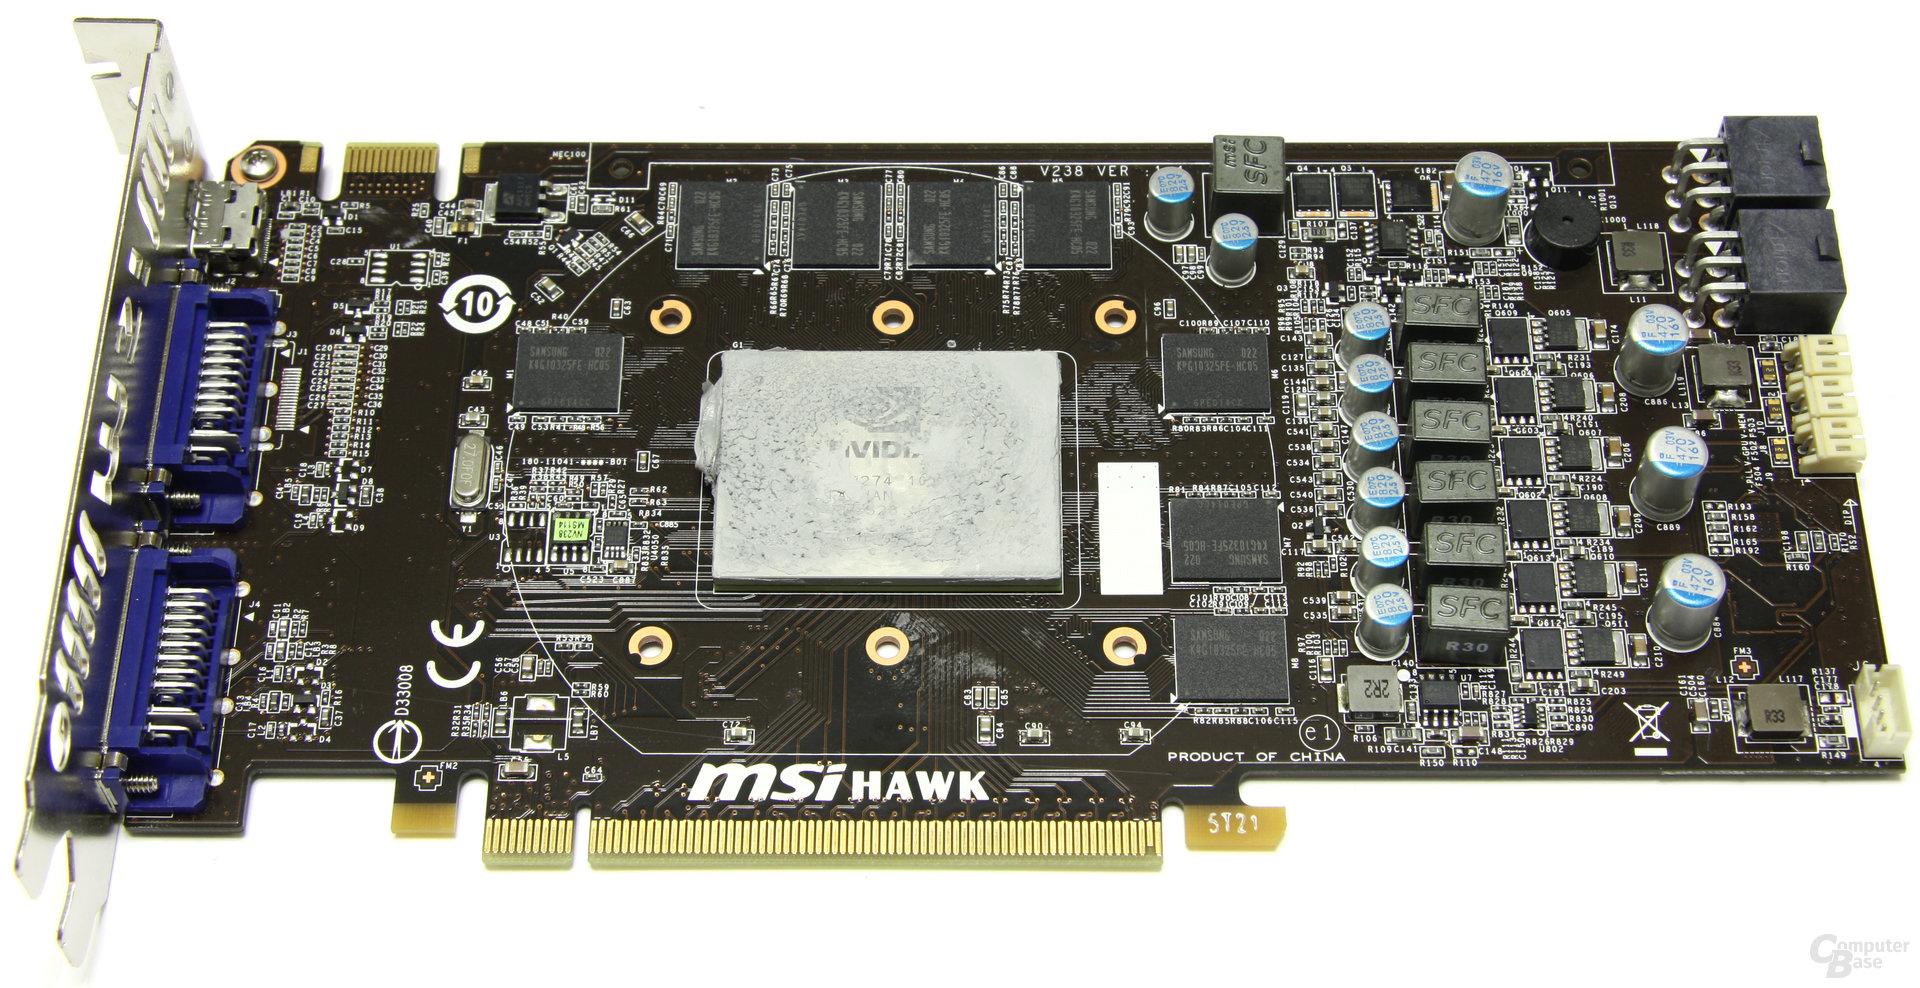 GeForce GTX 460 Hawk ohne Kühler